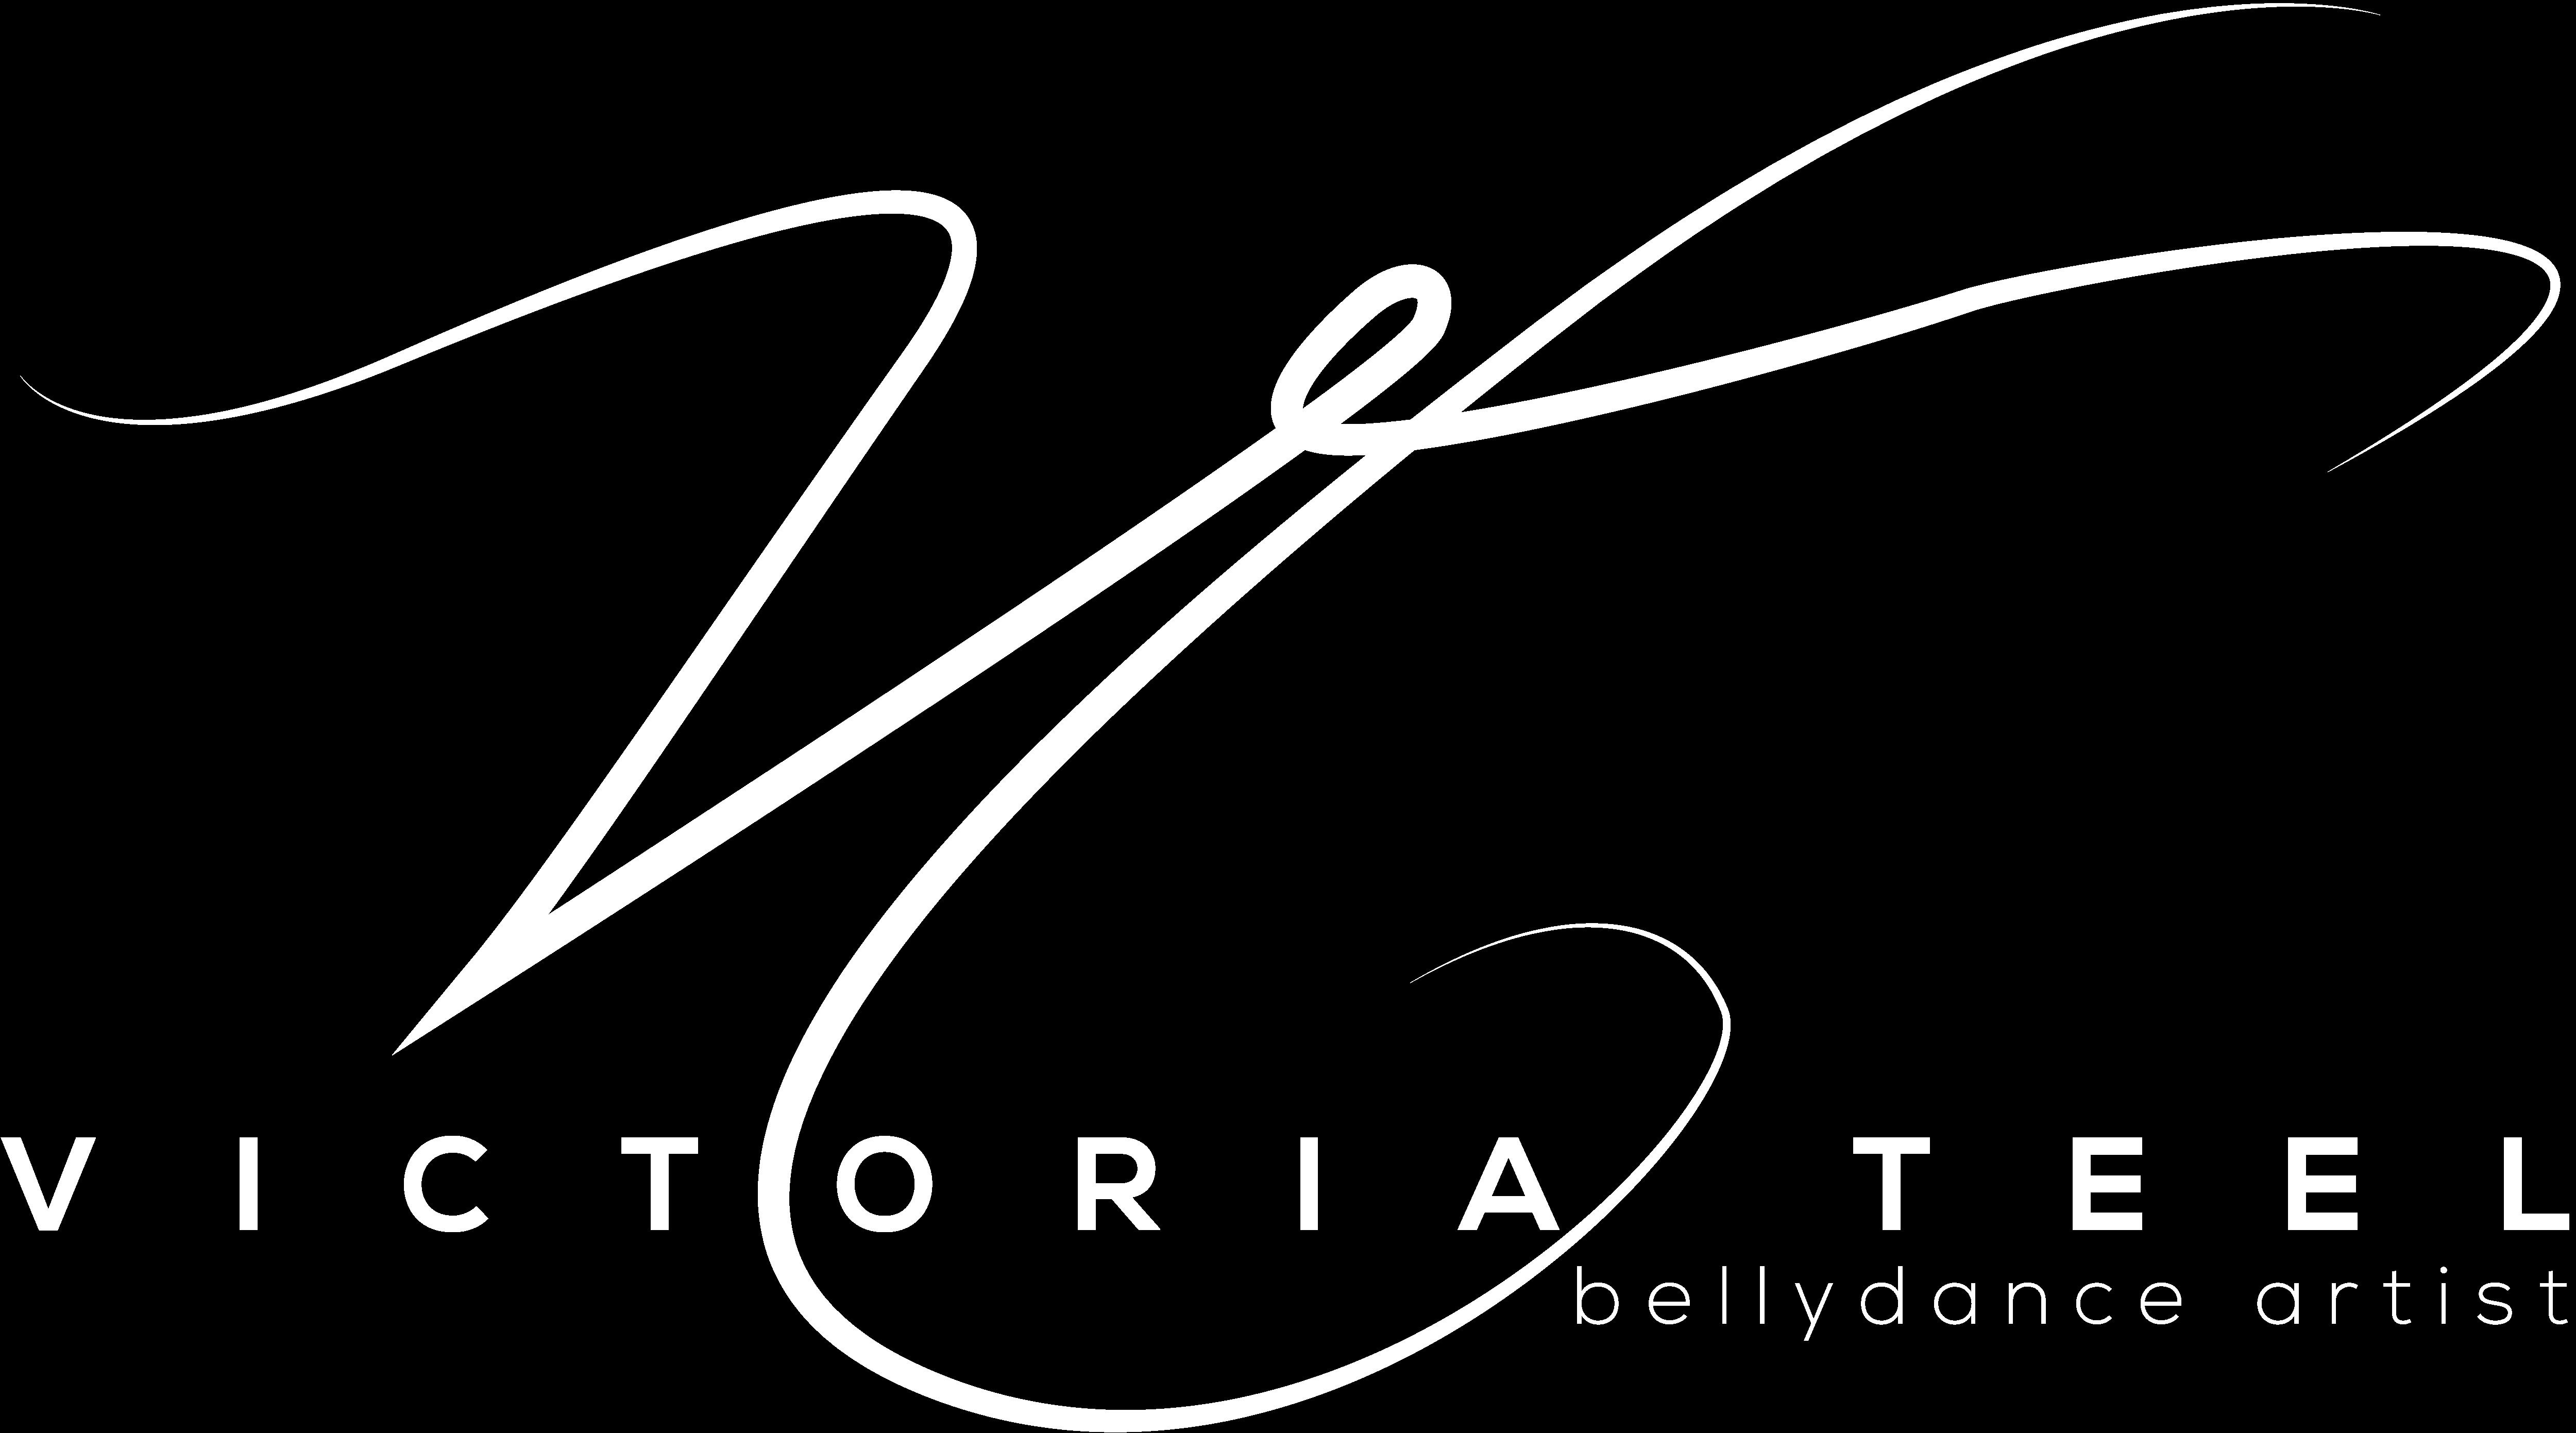 Victoria Teel's Online Bellydance Studio